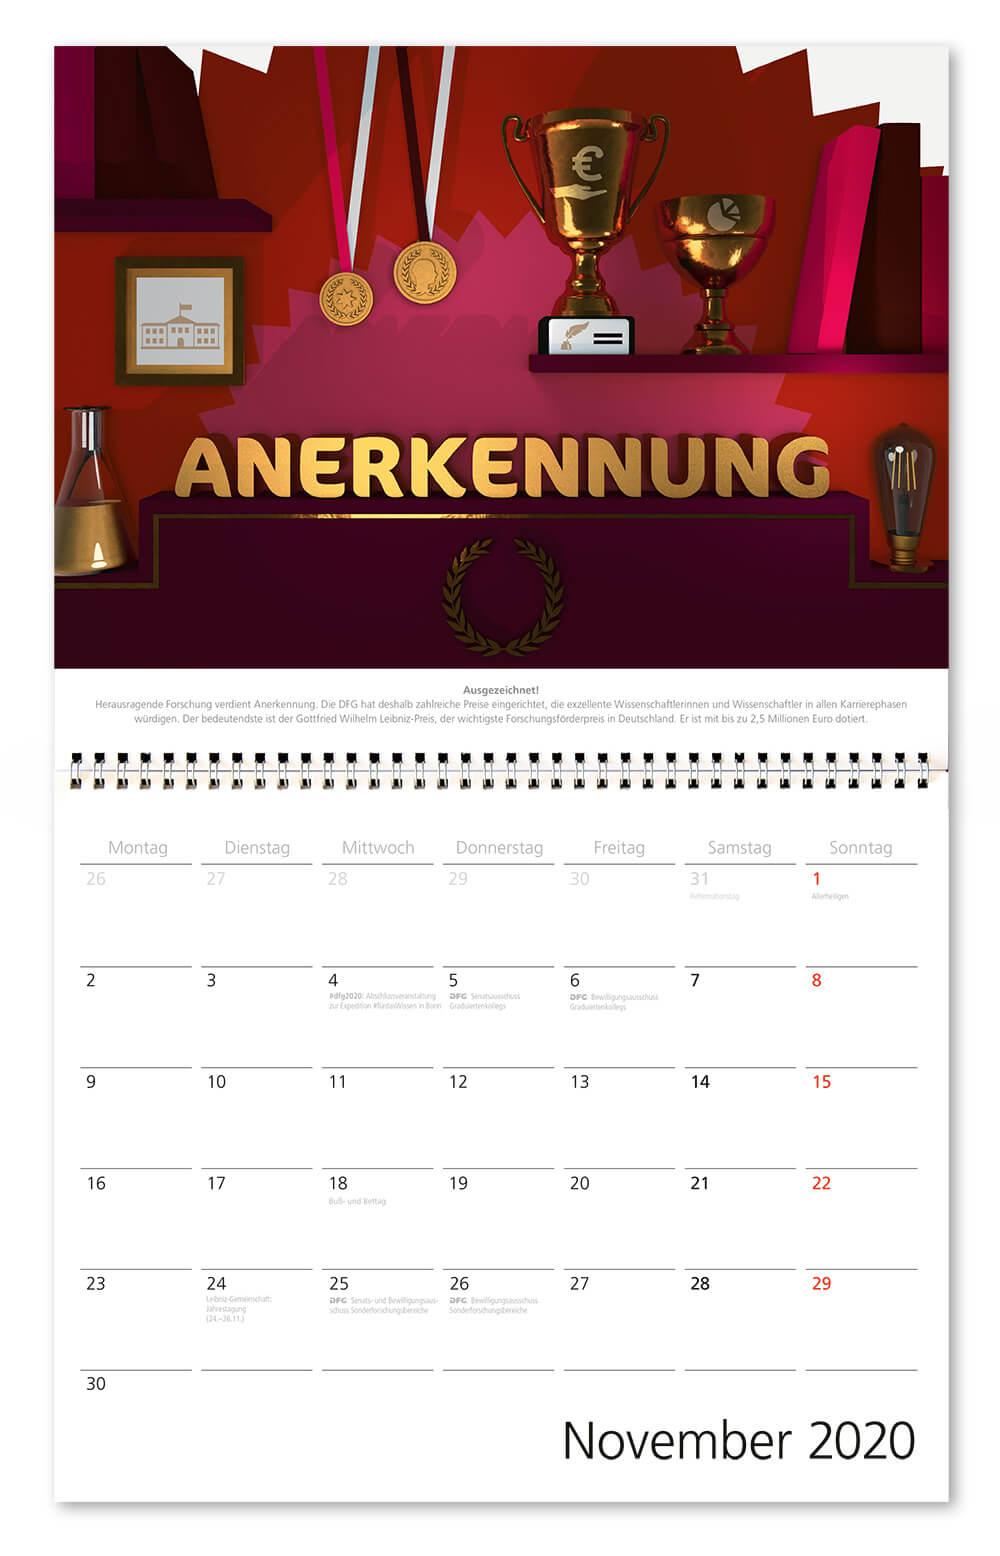 100 Jahre Deutsche Forschungsgemeinschaft / DFG / Wandkalender 2020 / November: Anerkennung / Design: Daniela Leitner